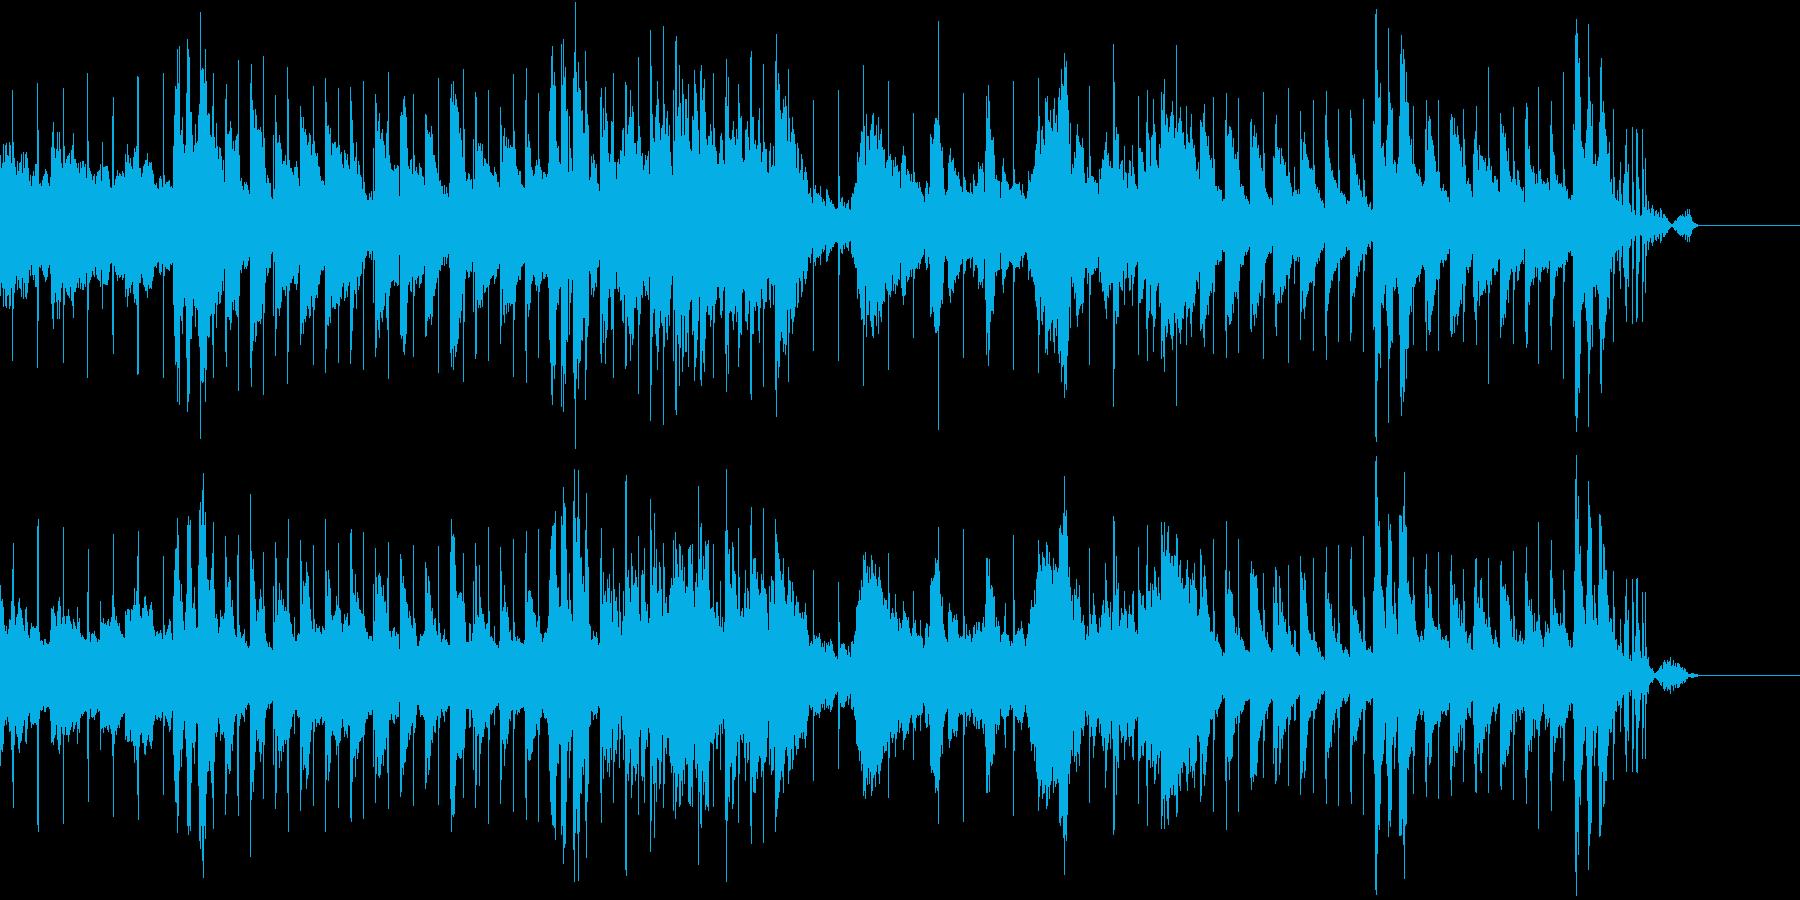 サントラに使えるおしゃれでchillな曲の再生済みの波形